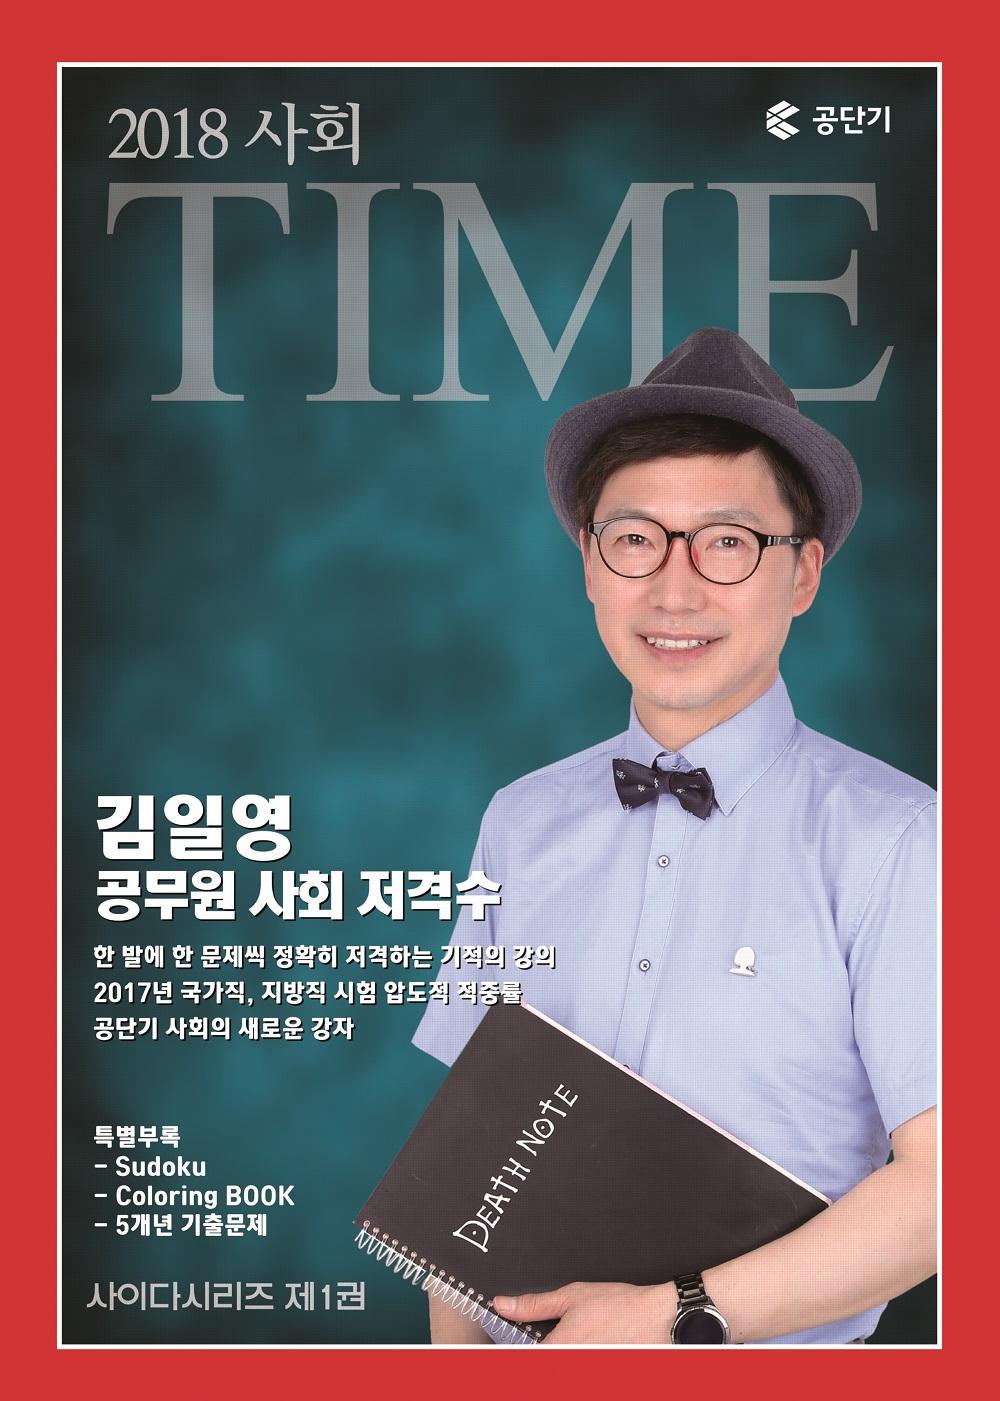 2018 김일영 사회 TIME